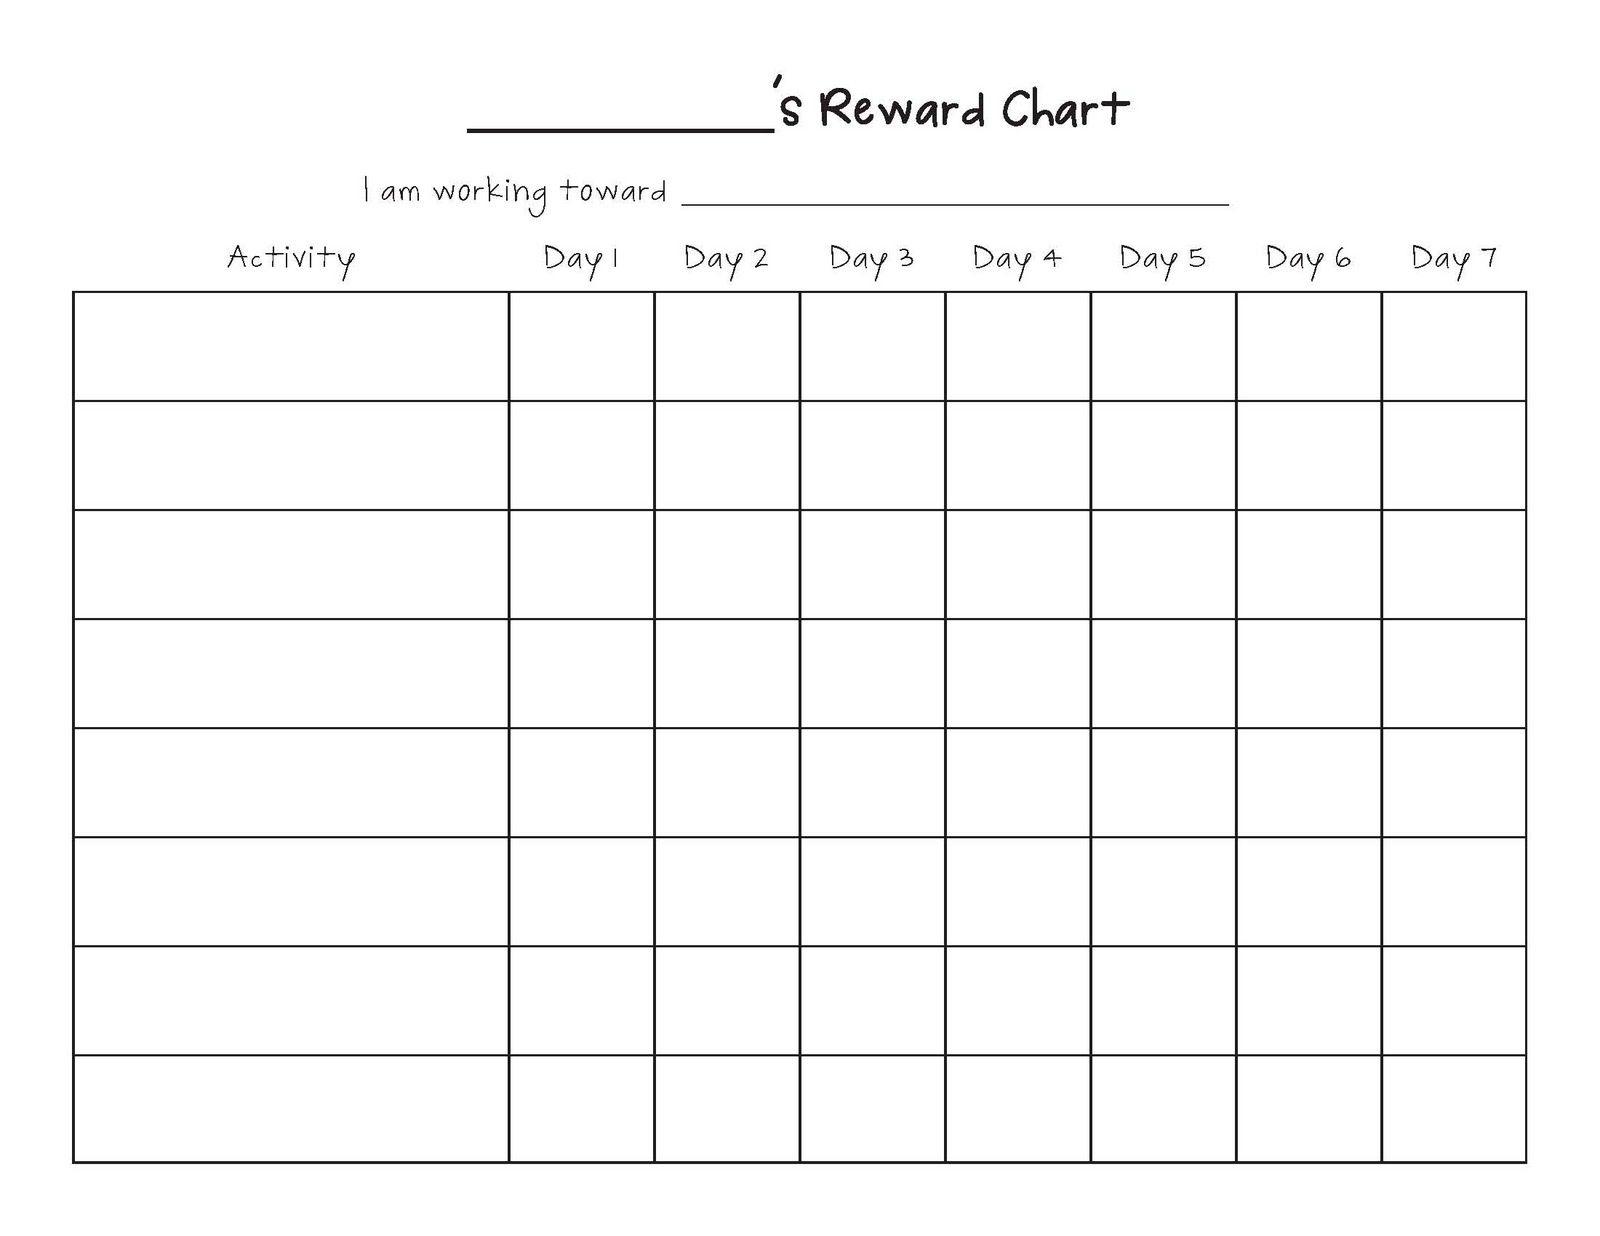 Free Printable Blank Charts   Printable Blank Charts Image Search - Free Printable Charts And Lists